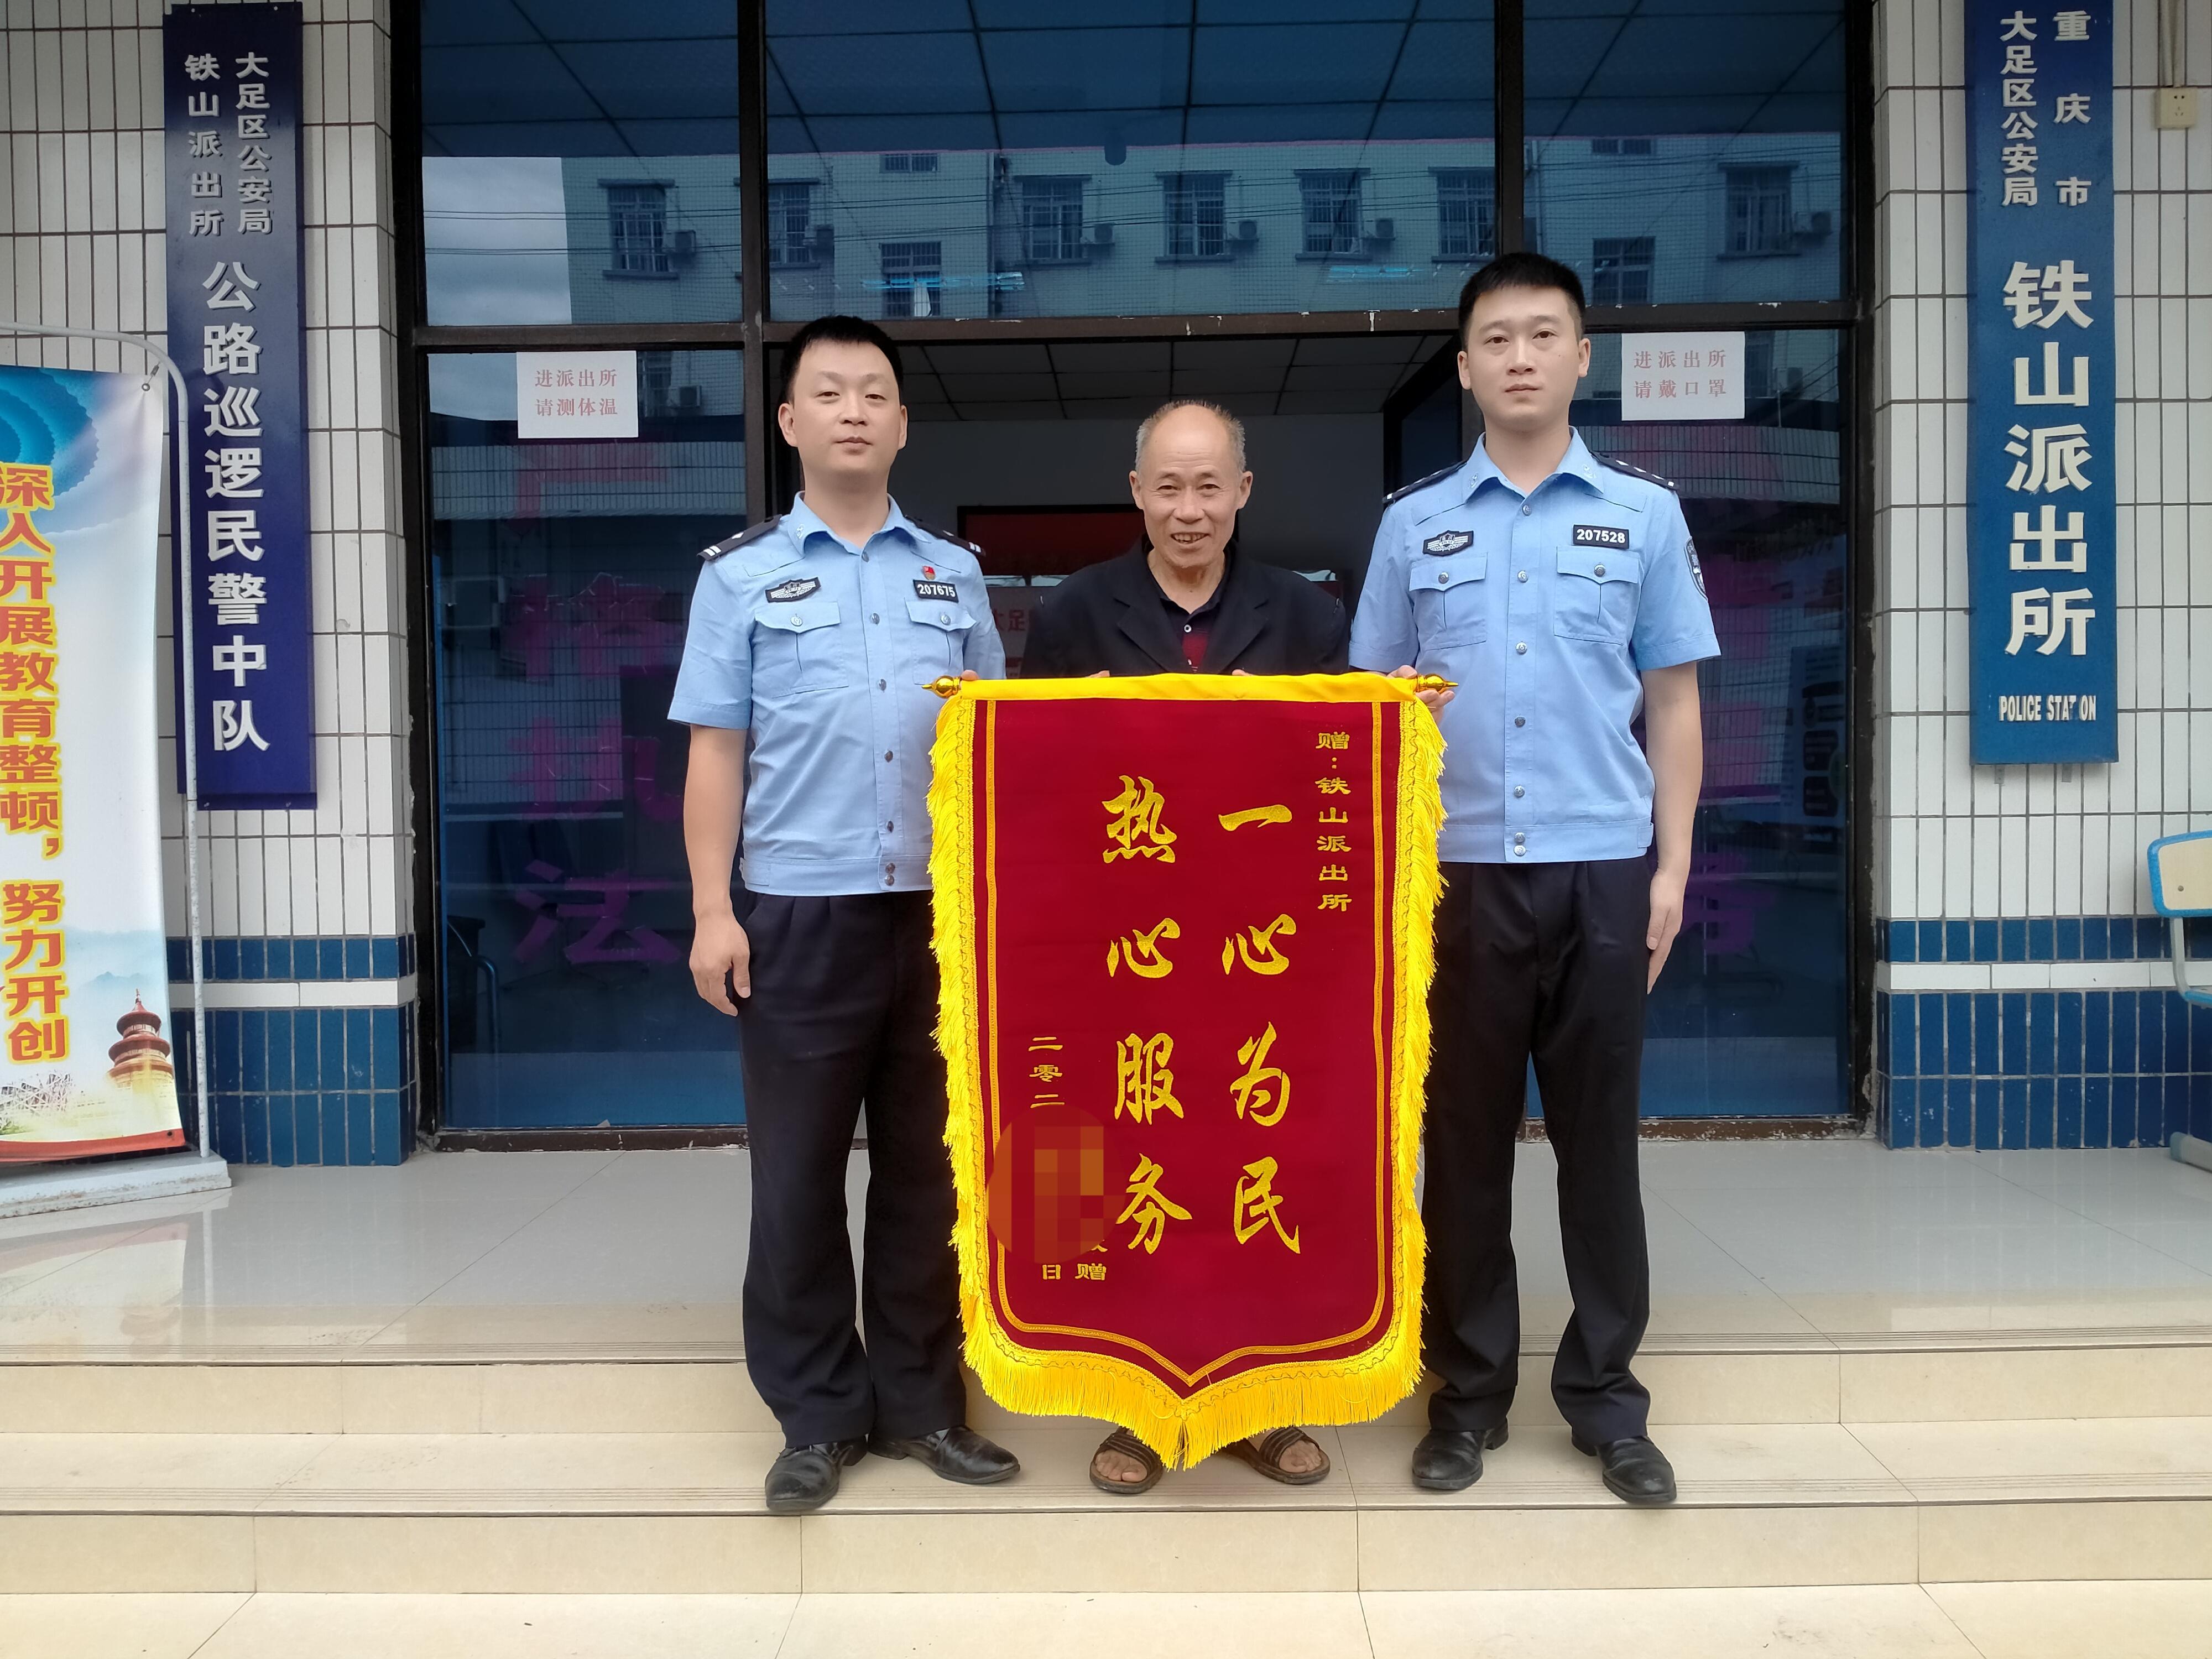 9月15日,黄大爷给派出所民警送去锦旗。